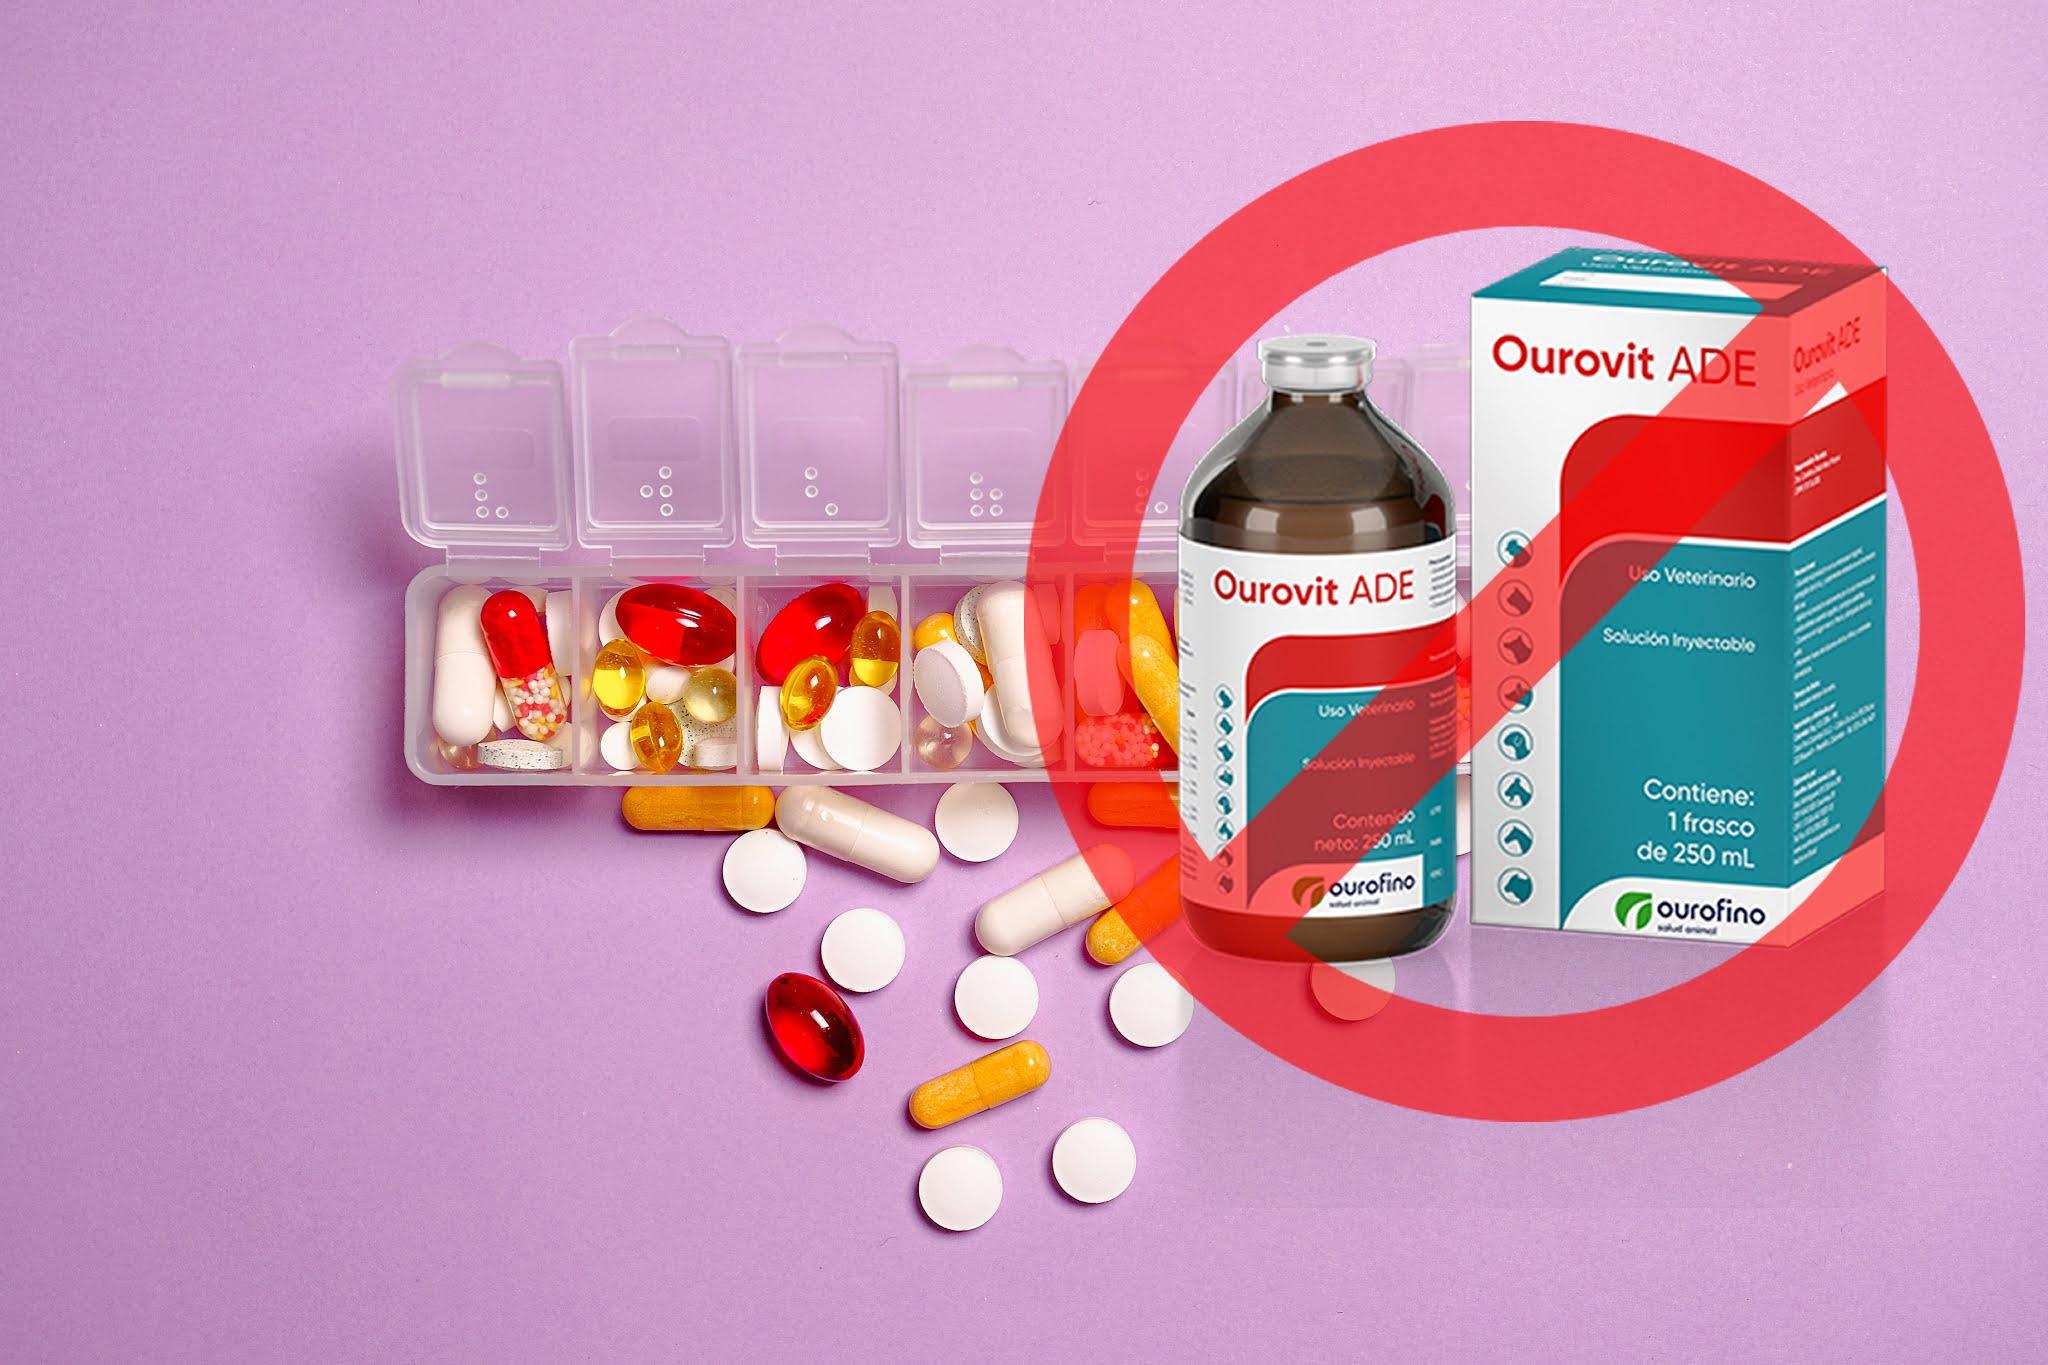 مضادات الالتهاب غير الستيرويدية